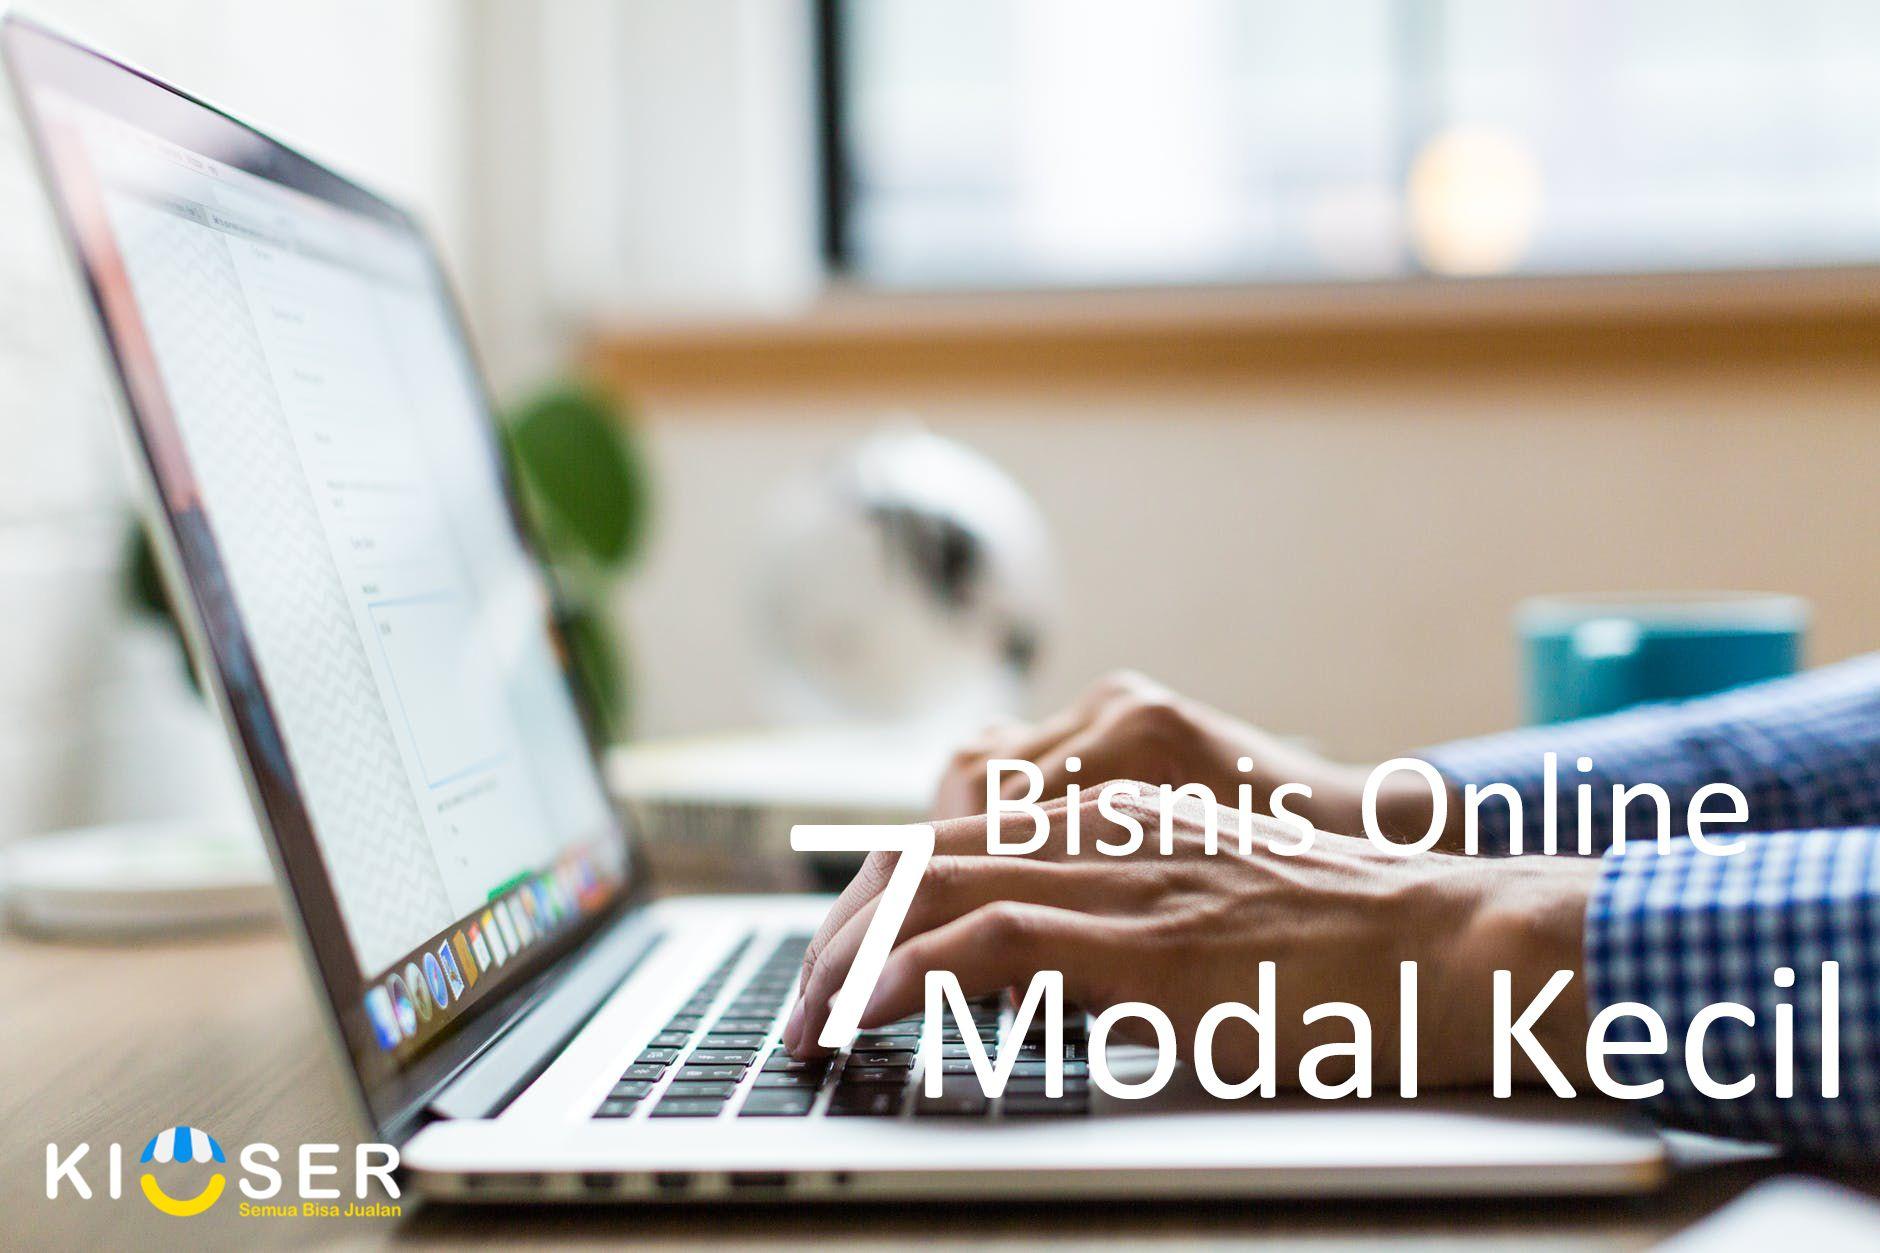 7 Bisnis Online Terpercaya dengan Modal Kecil ⋆ Blog Kioser